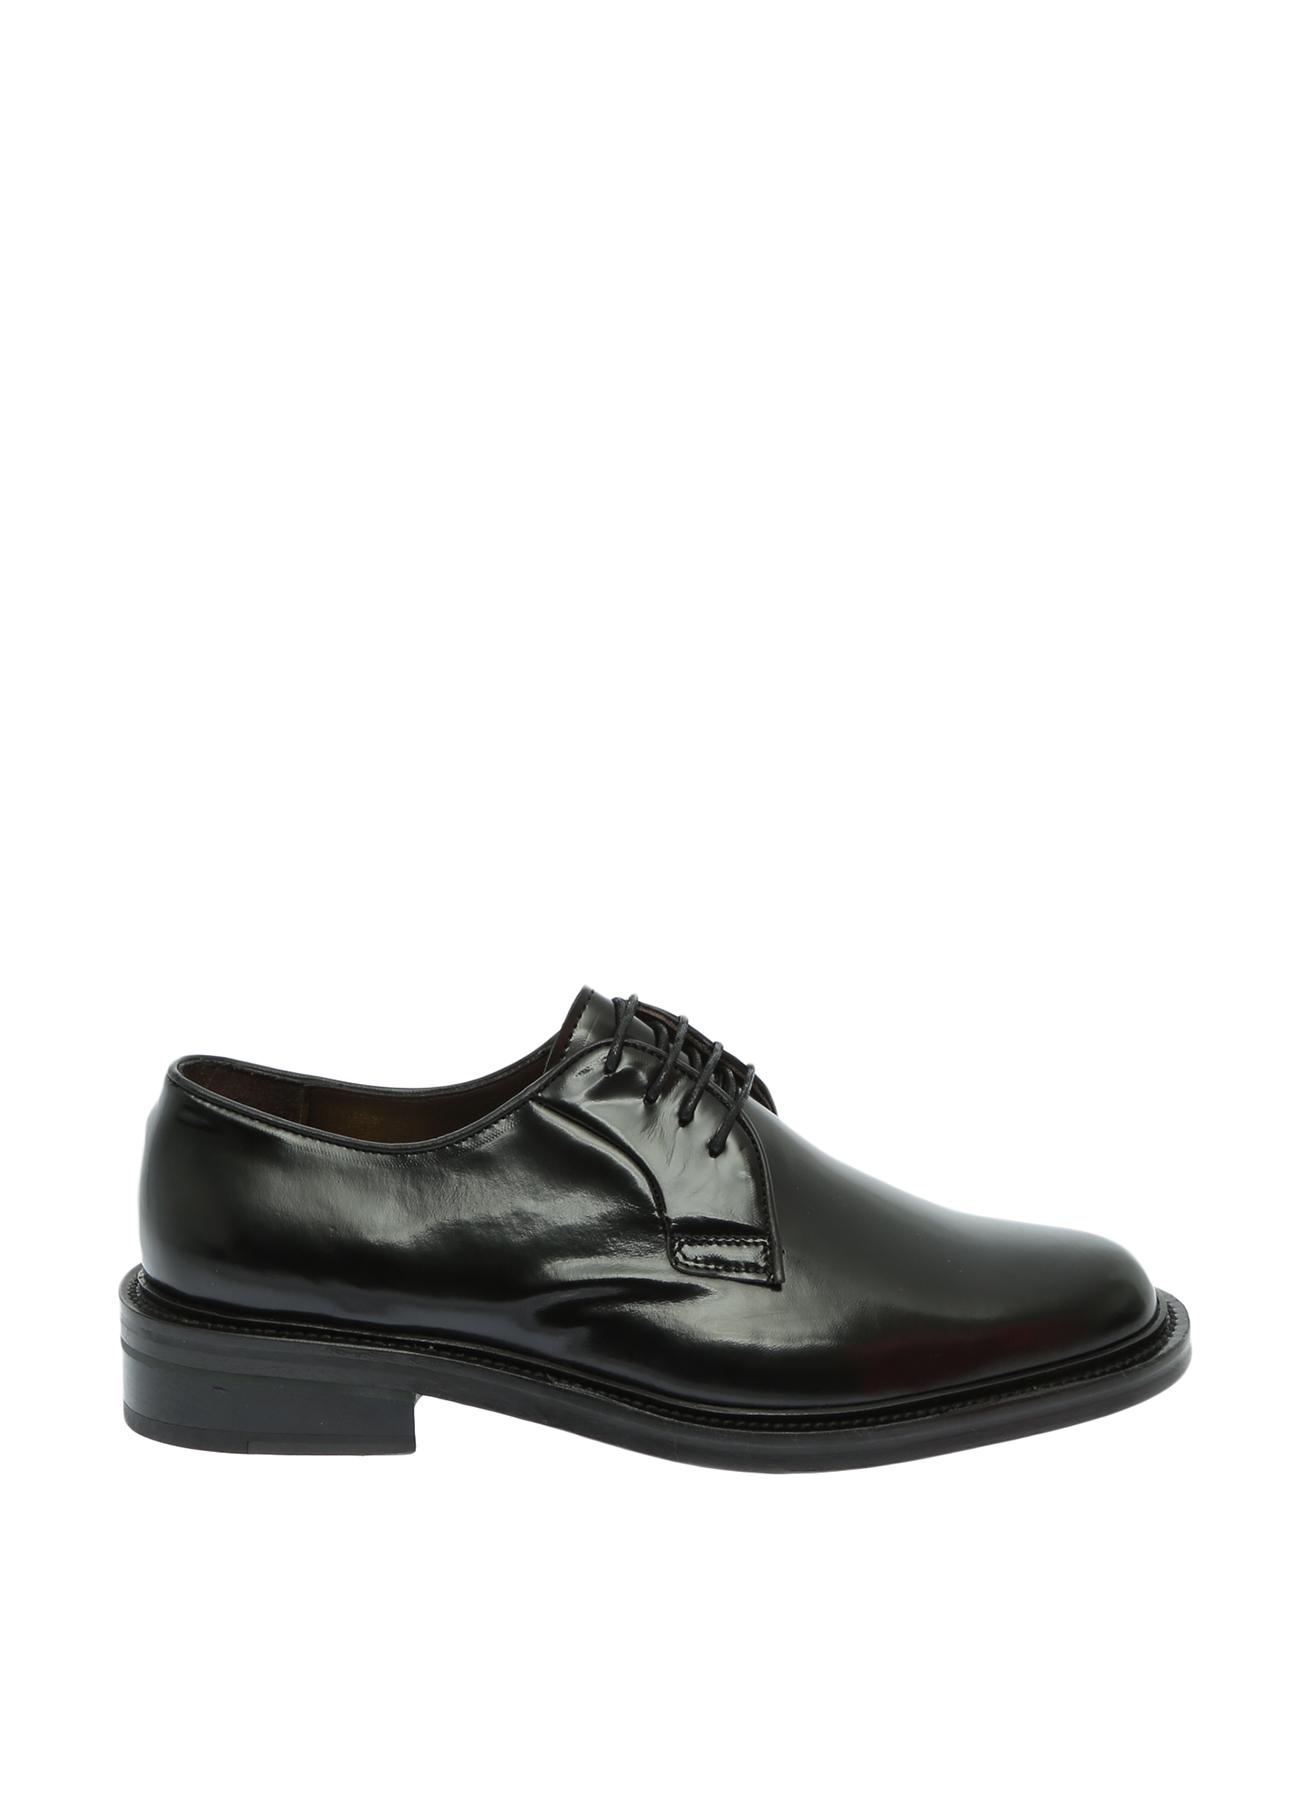 George Hogg Klasik Ayakkabı 40 5000163369001 Ürün Resmi